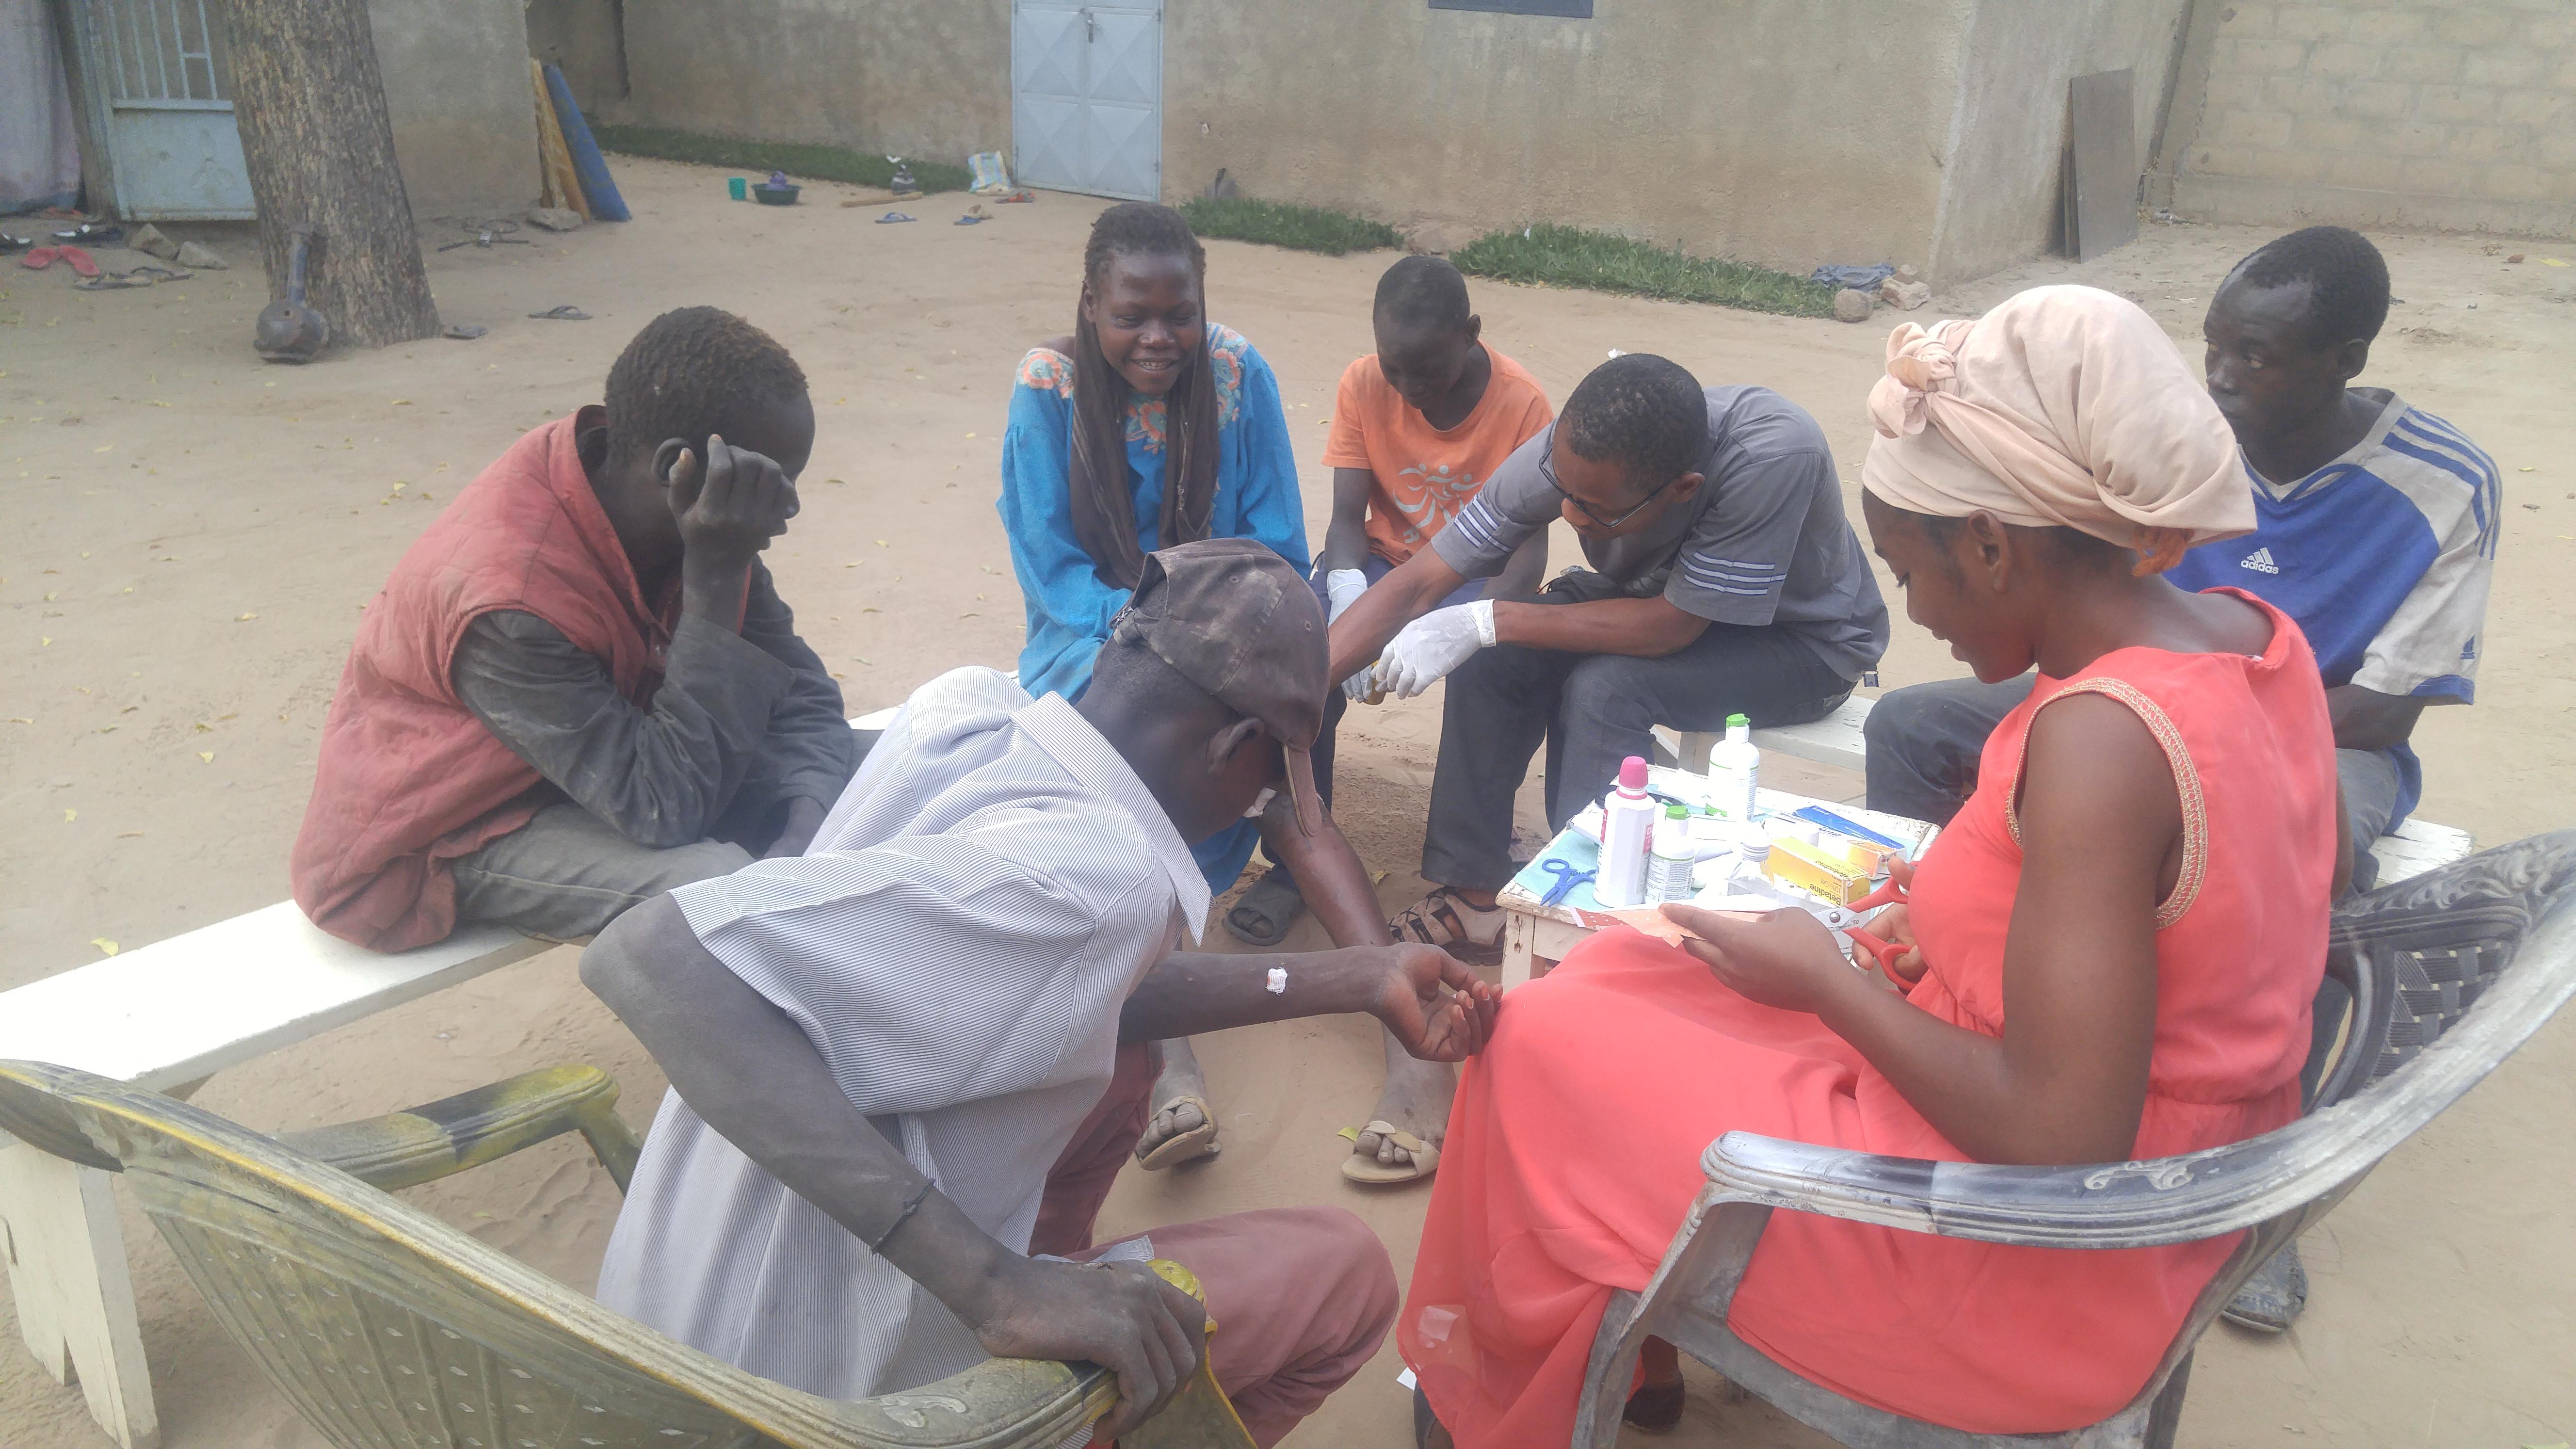 Soins médicaux aux enfants de la rue